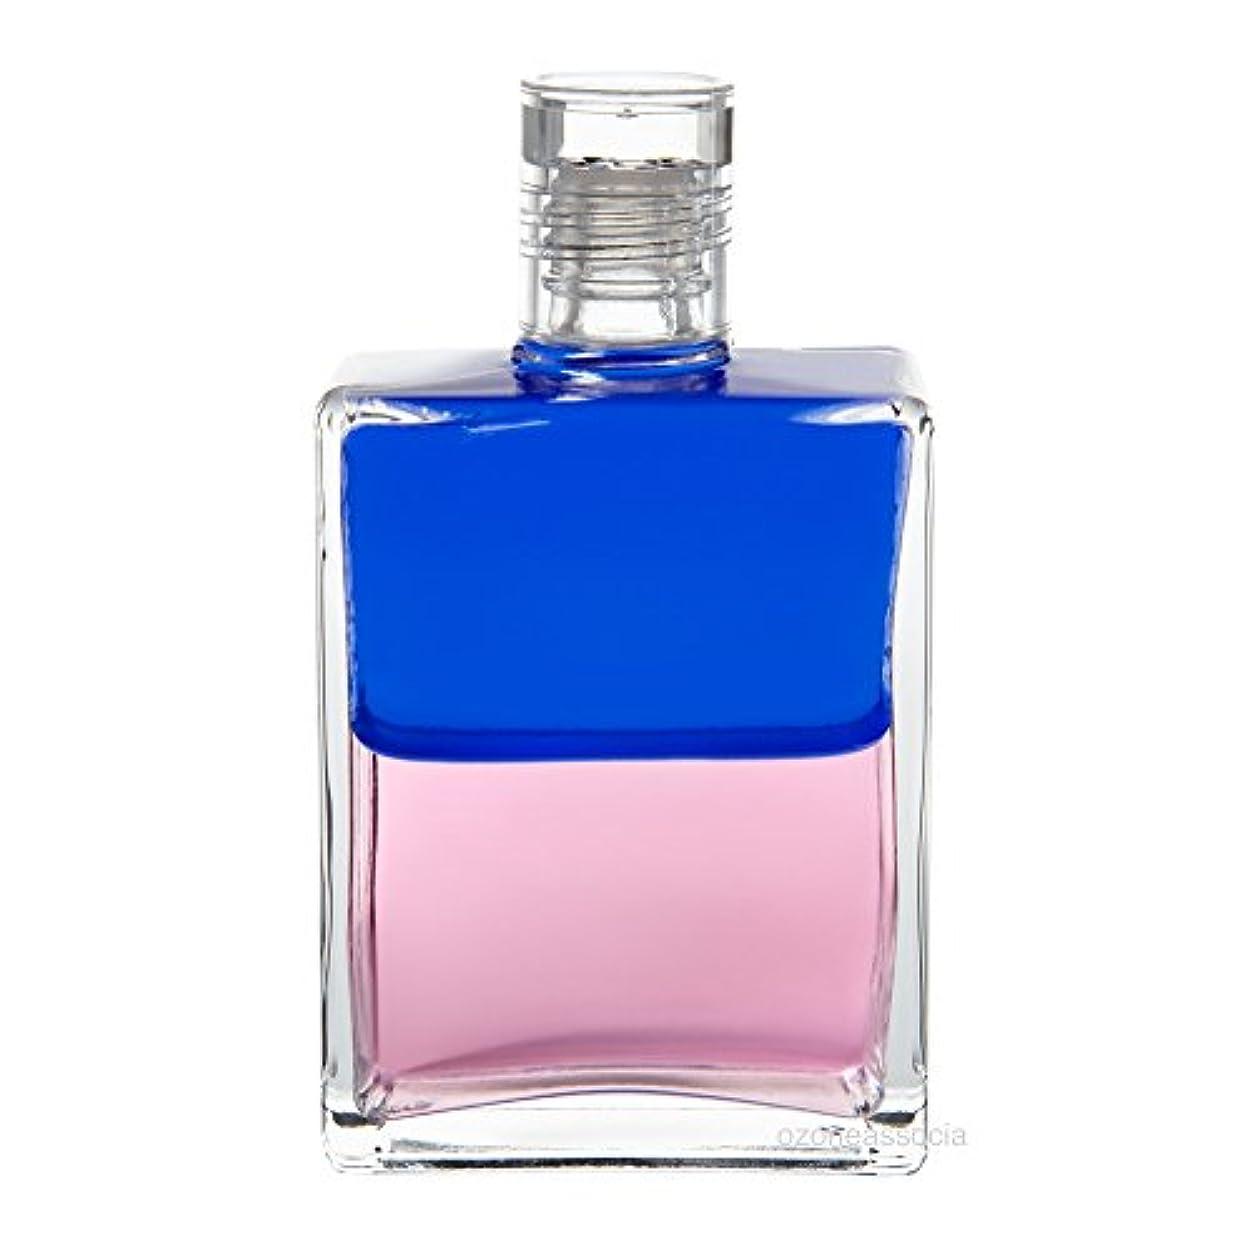 かわいらしいするカエルオーラソーマ ボトル 20番  チャイルドレスキュー/スターチャイルド (ブルー/ピンク) イクイリブリアムボトル50ml Aurasoma